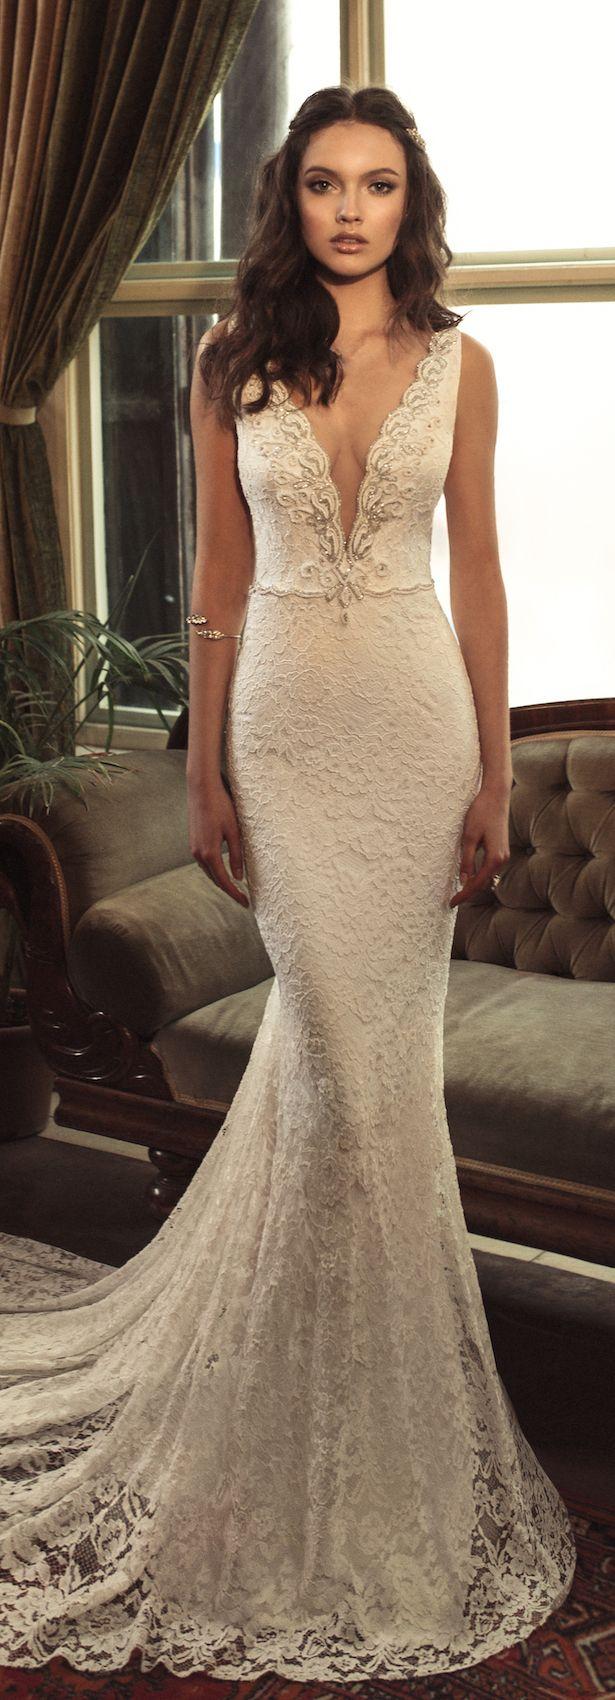 25 best ideas about plunging neckline on pinterest for Plunge neck wedding dress